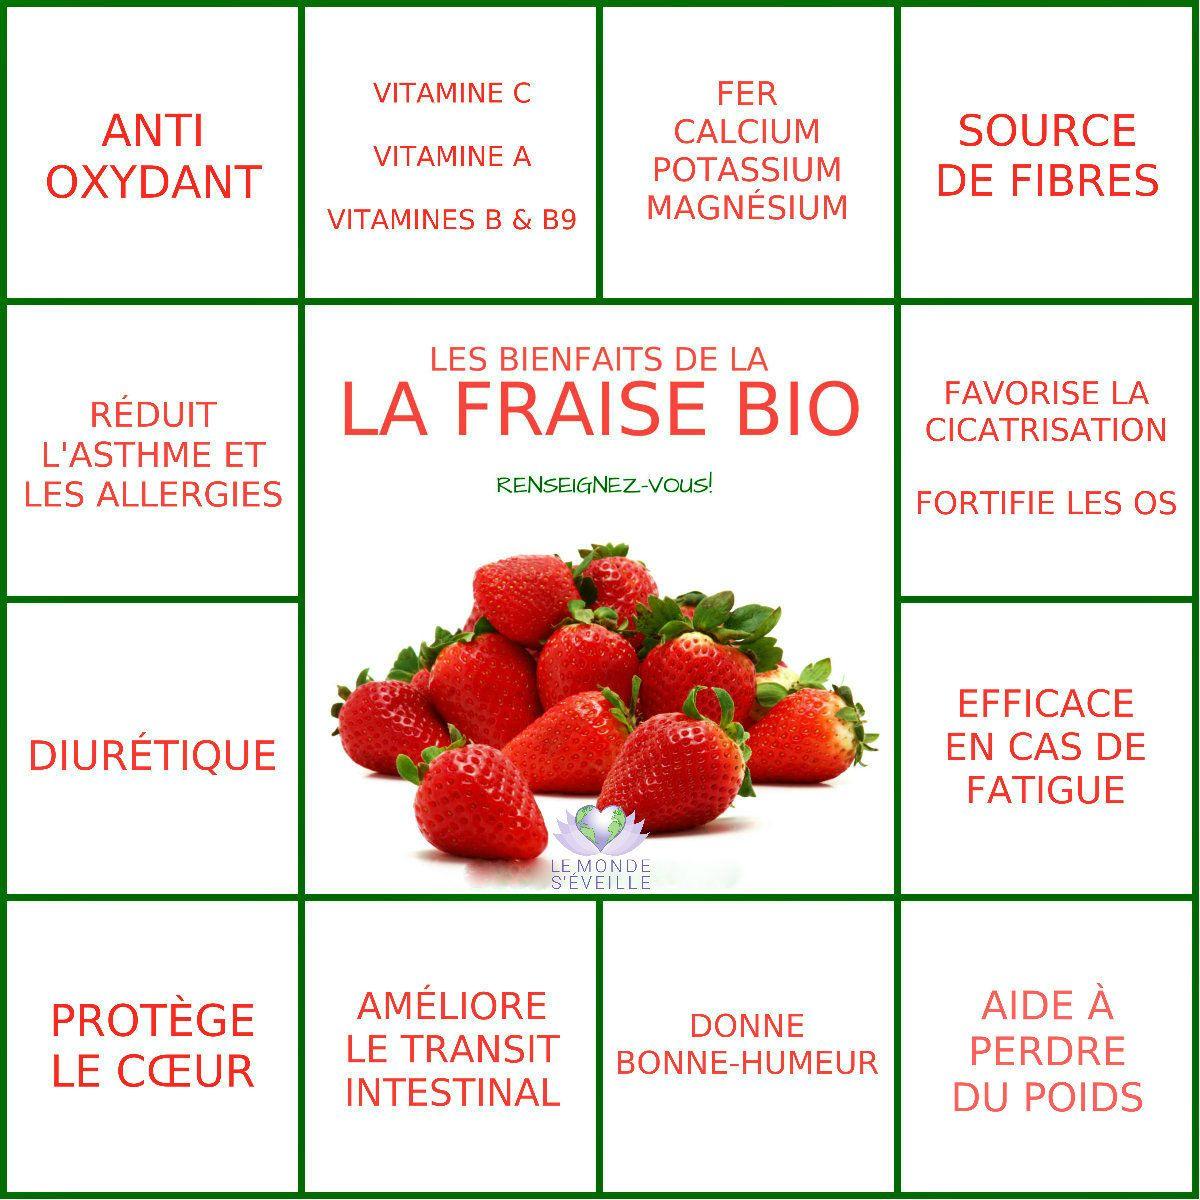 les bienfaits de la fraise | la fraise le monde s'eveille grâce à